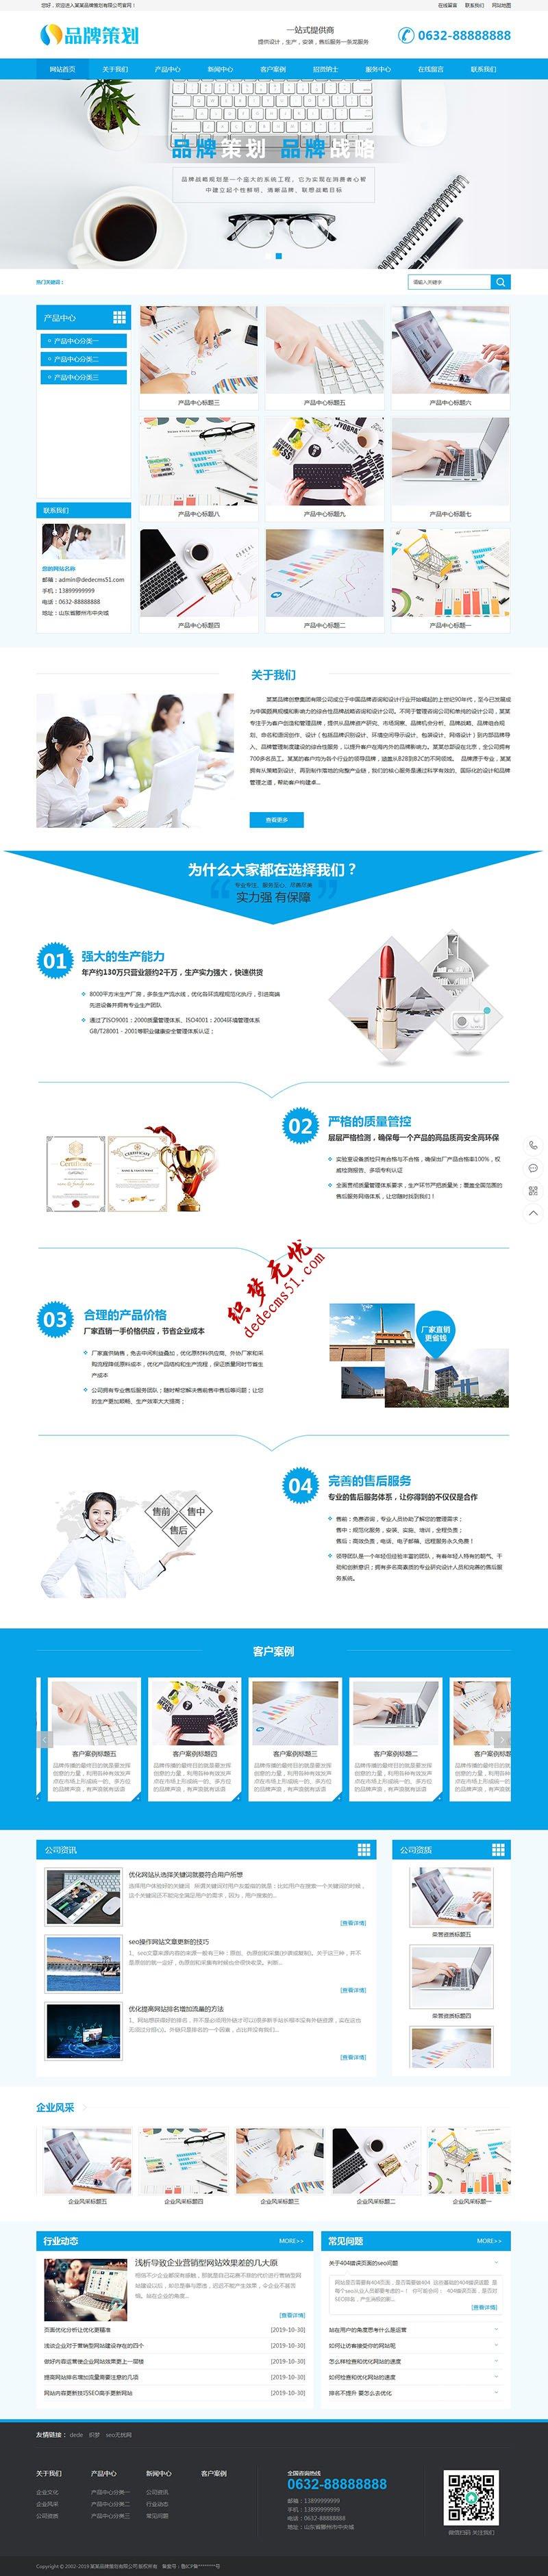 蓝色品牌策划设计企业设备展示通用网站织梦模板dede源码(带手机)